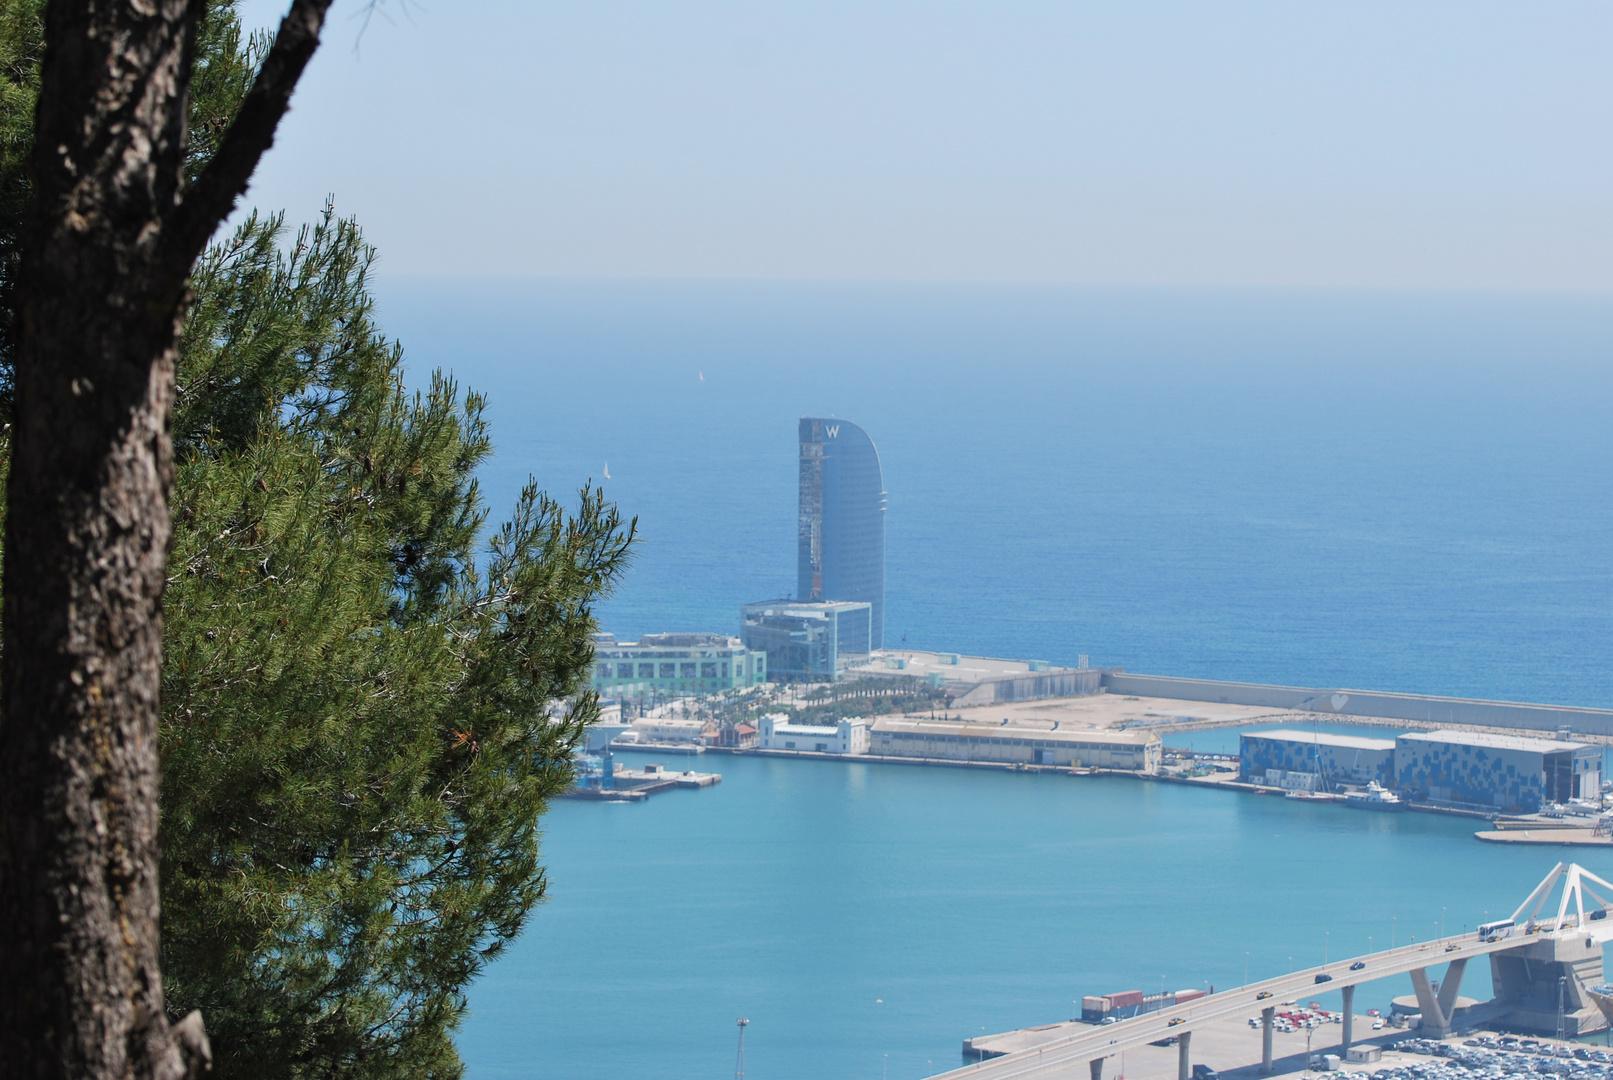 Blick von der Festung auf den Hafen von Barcelona